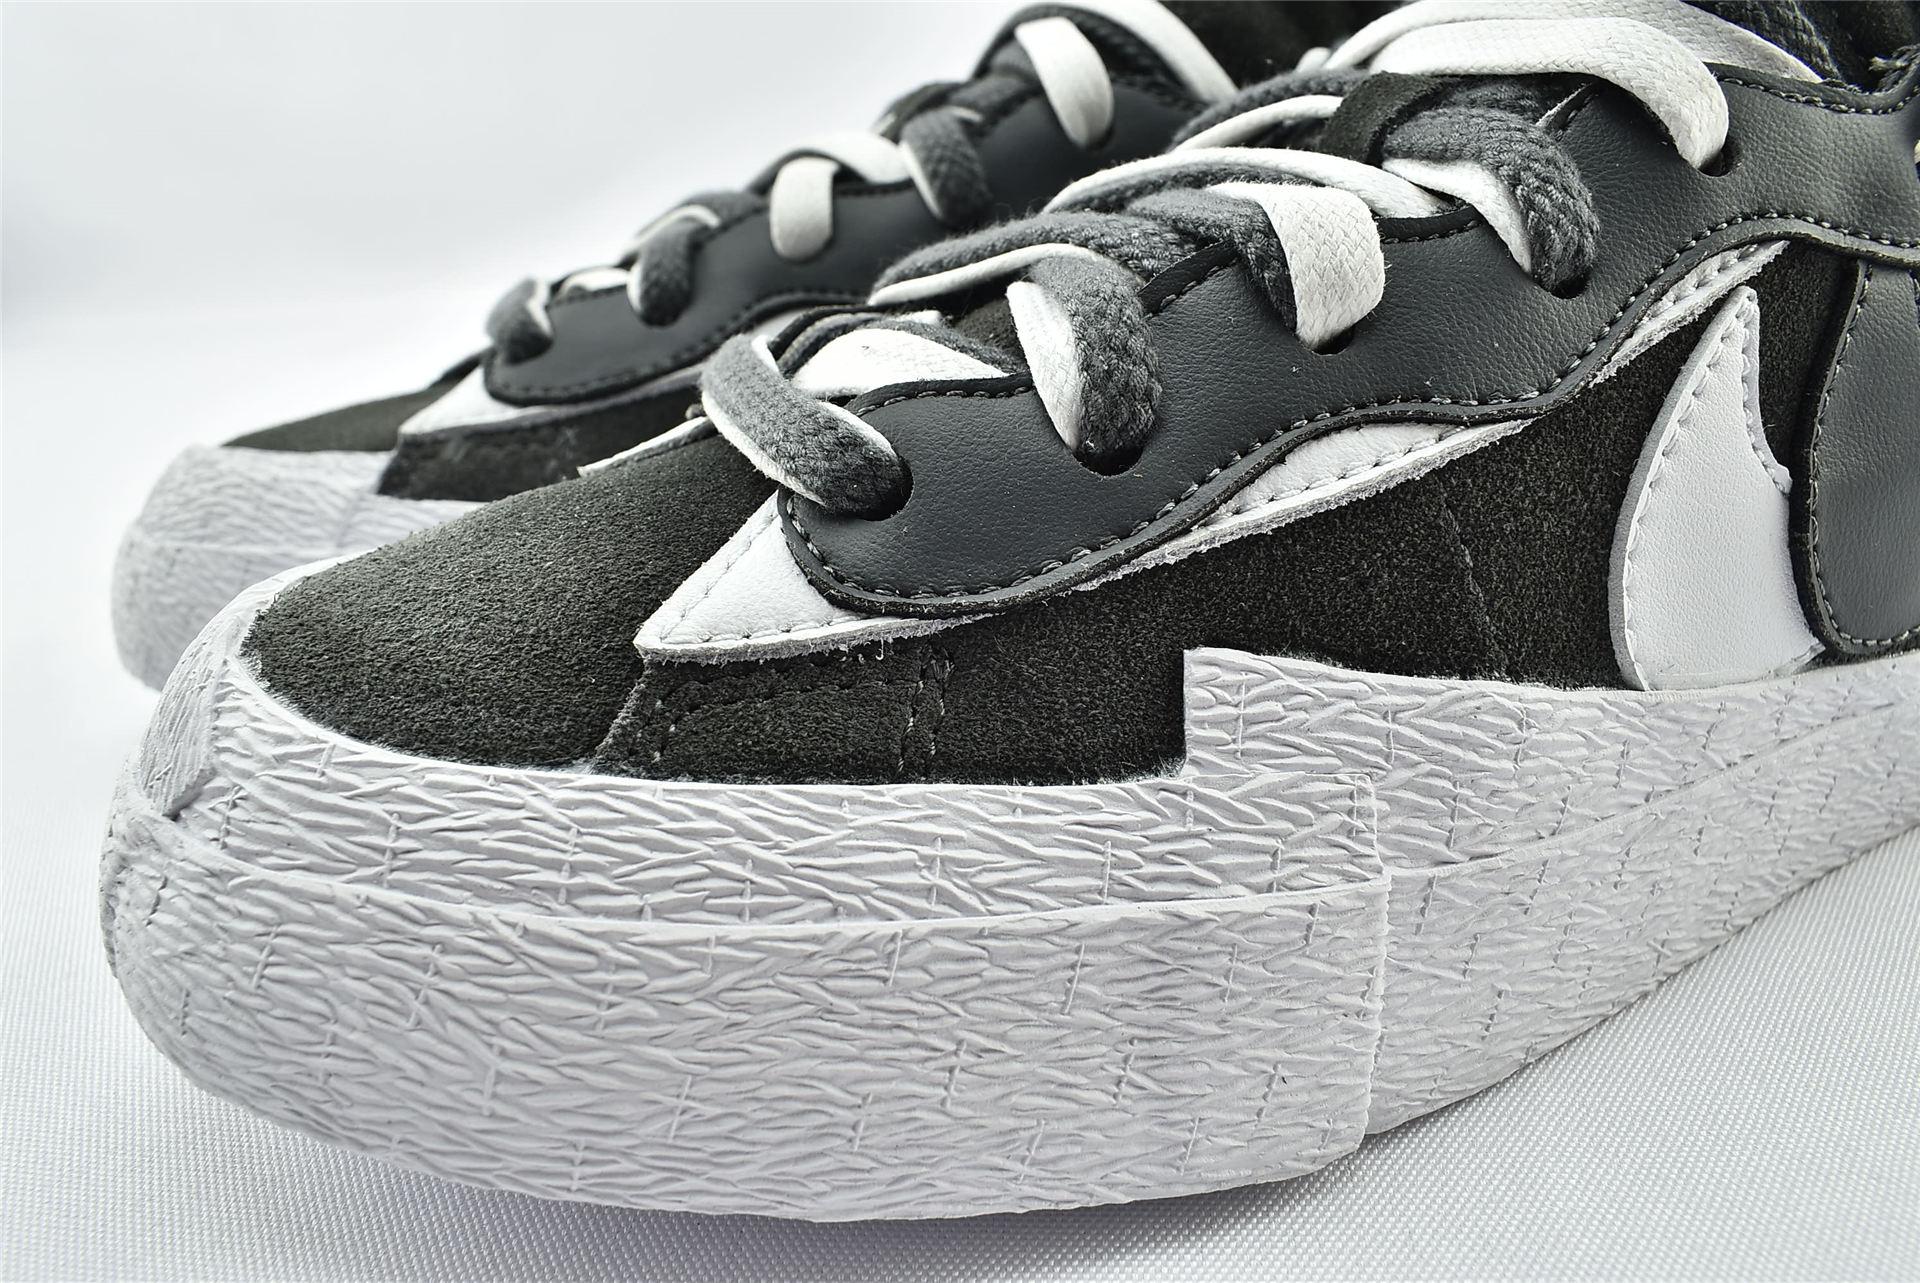 Sacai X Nike Blazer Low开拓者低帮板鞋/联名解构 黑白灰   货号:DD1877-002   男女鞋  情侣款